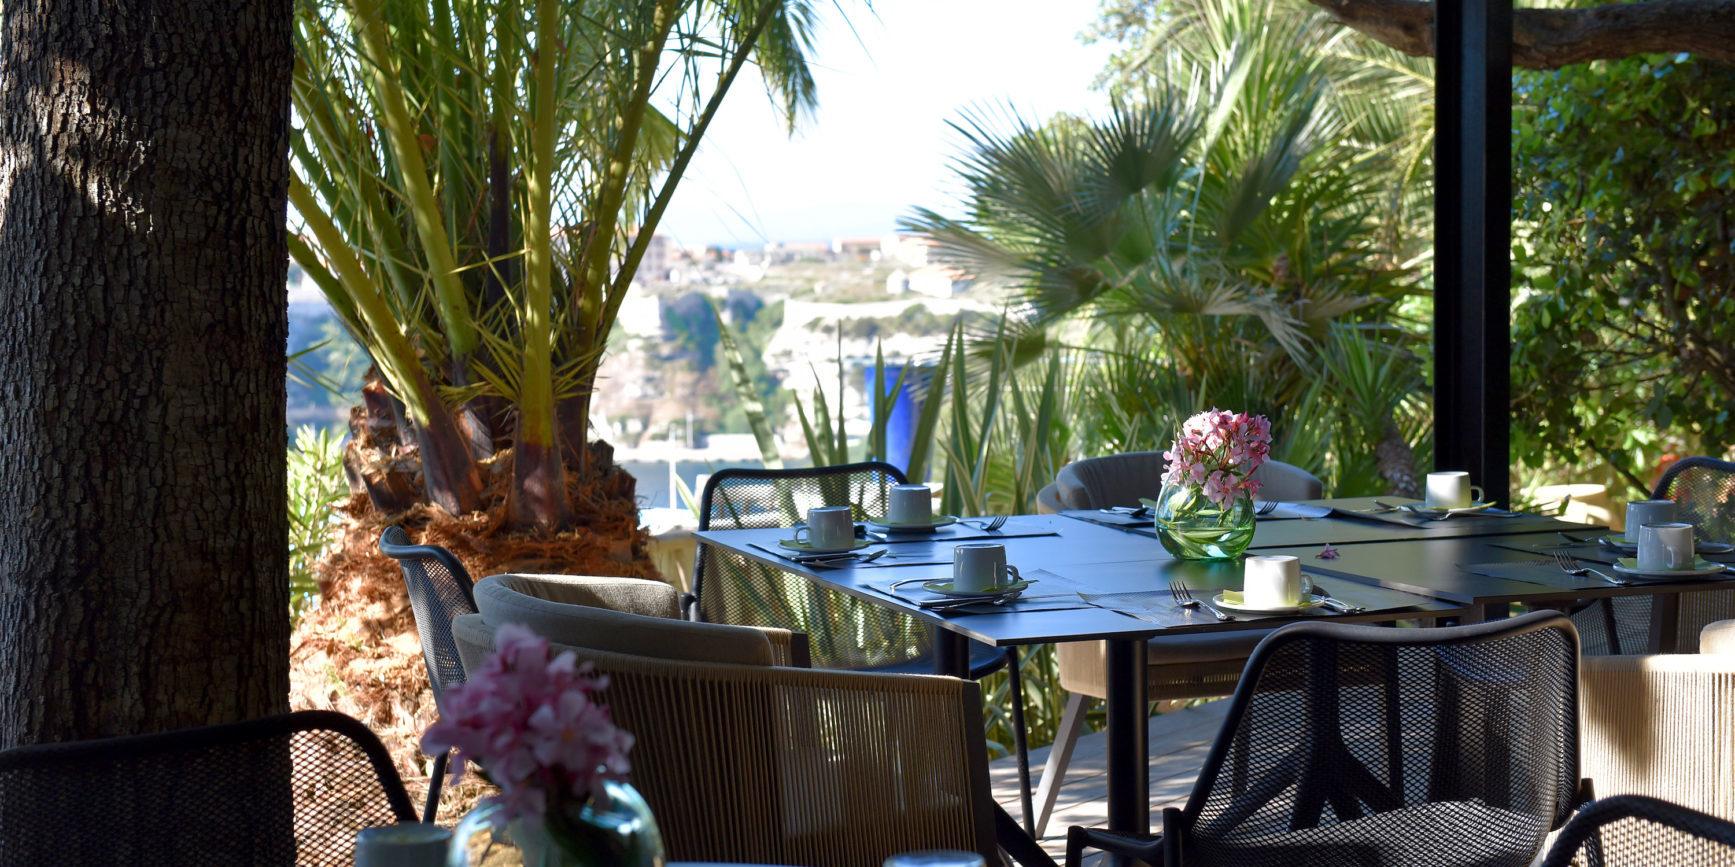 Hotel Cala di Greco Bonifacio Corsica Zuid-Corsica Frankrijk ontbijt terras tafels